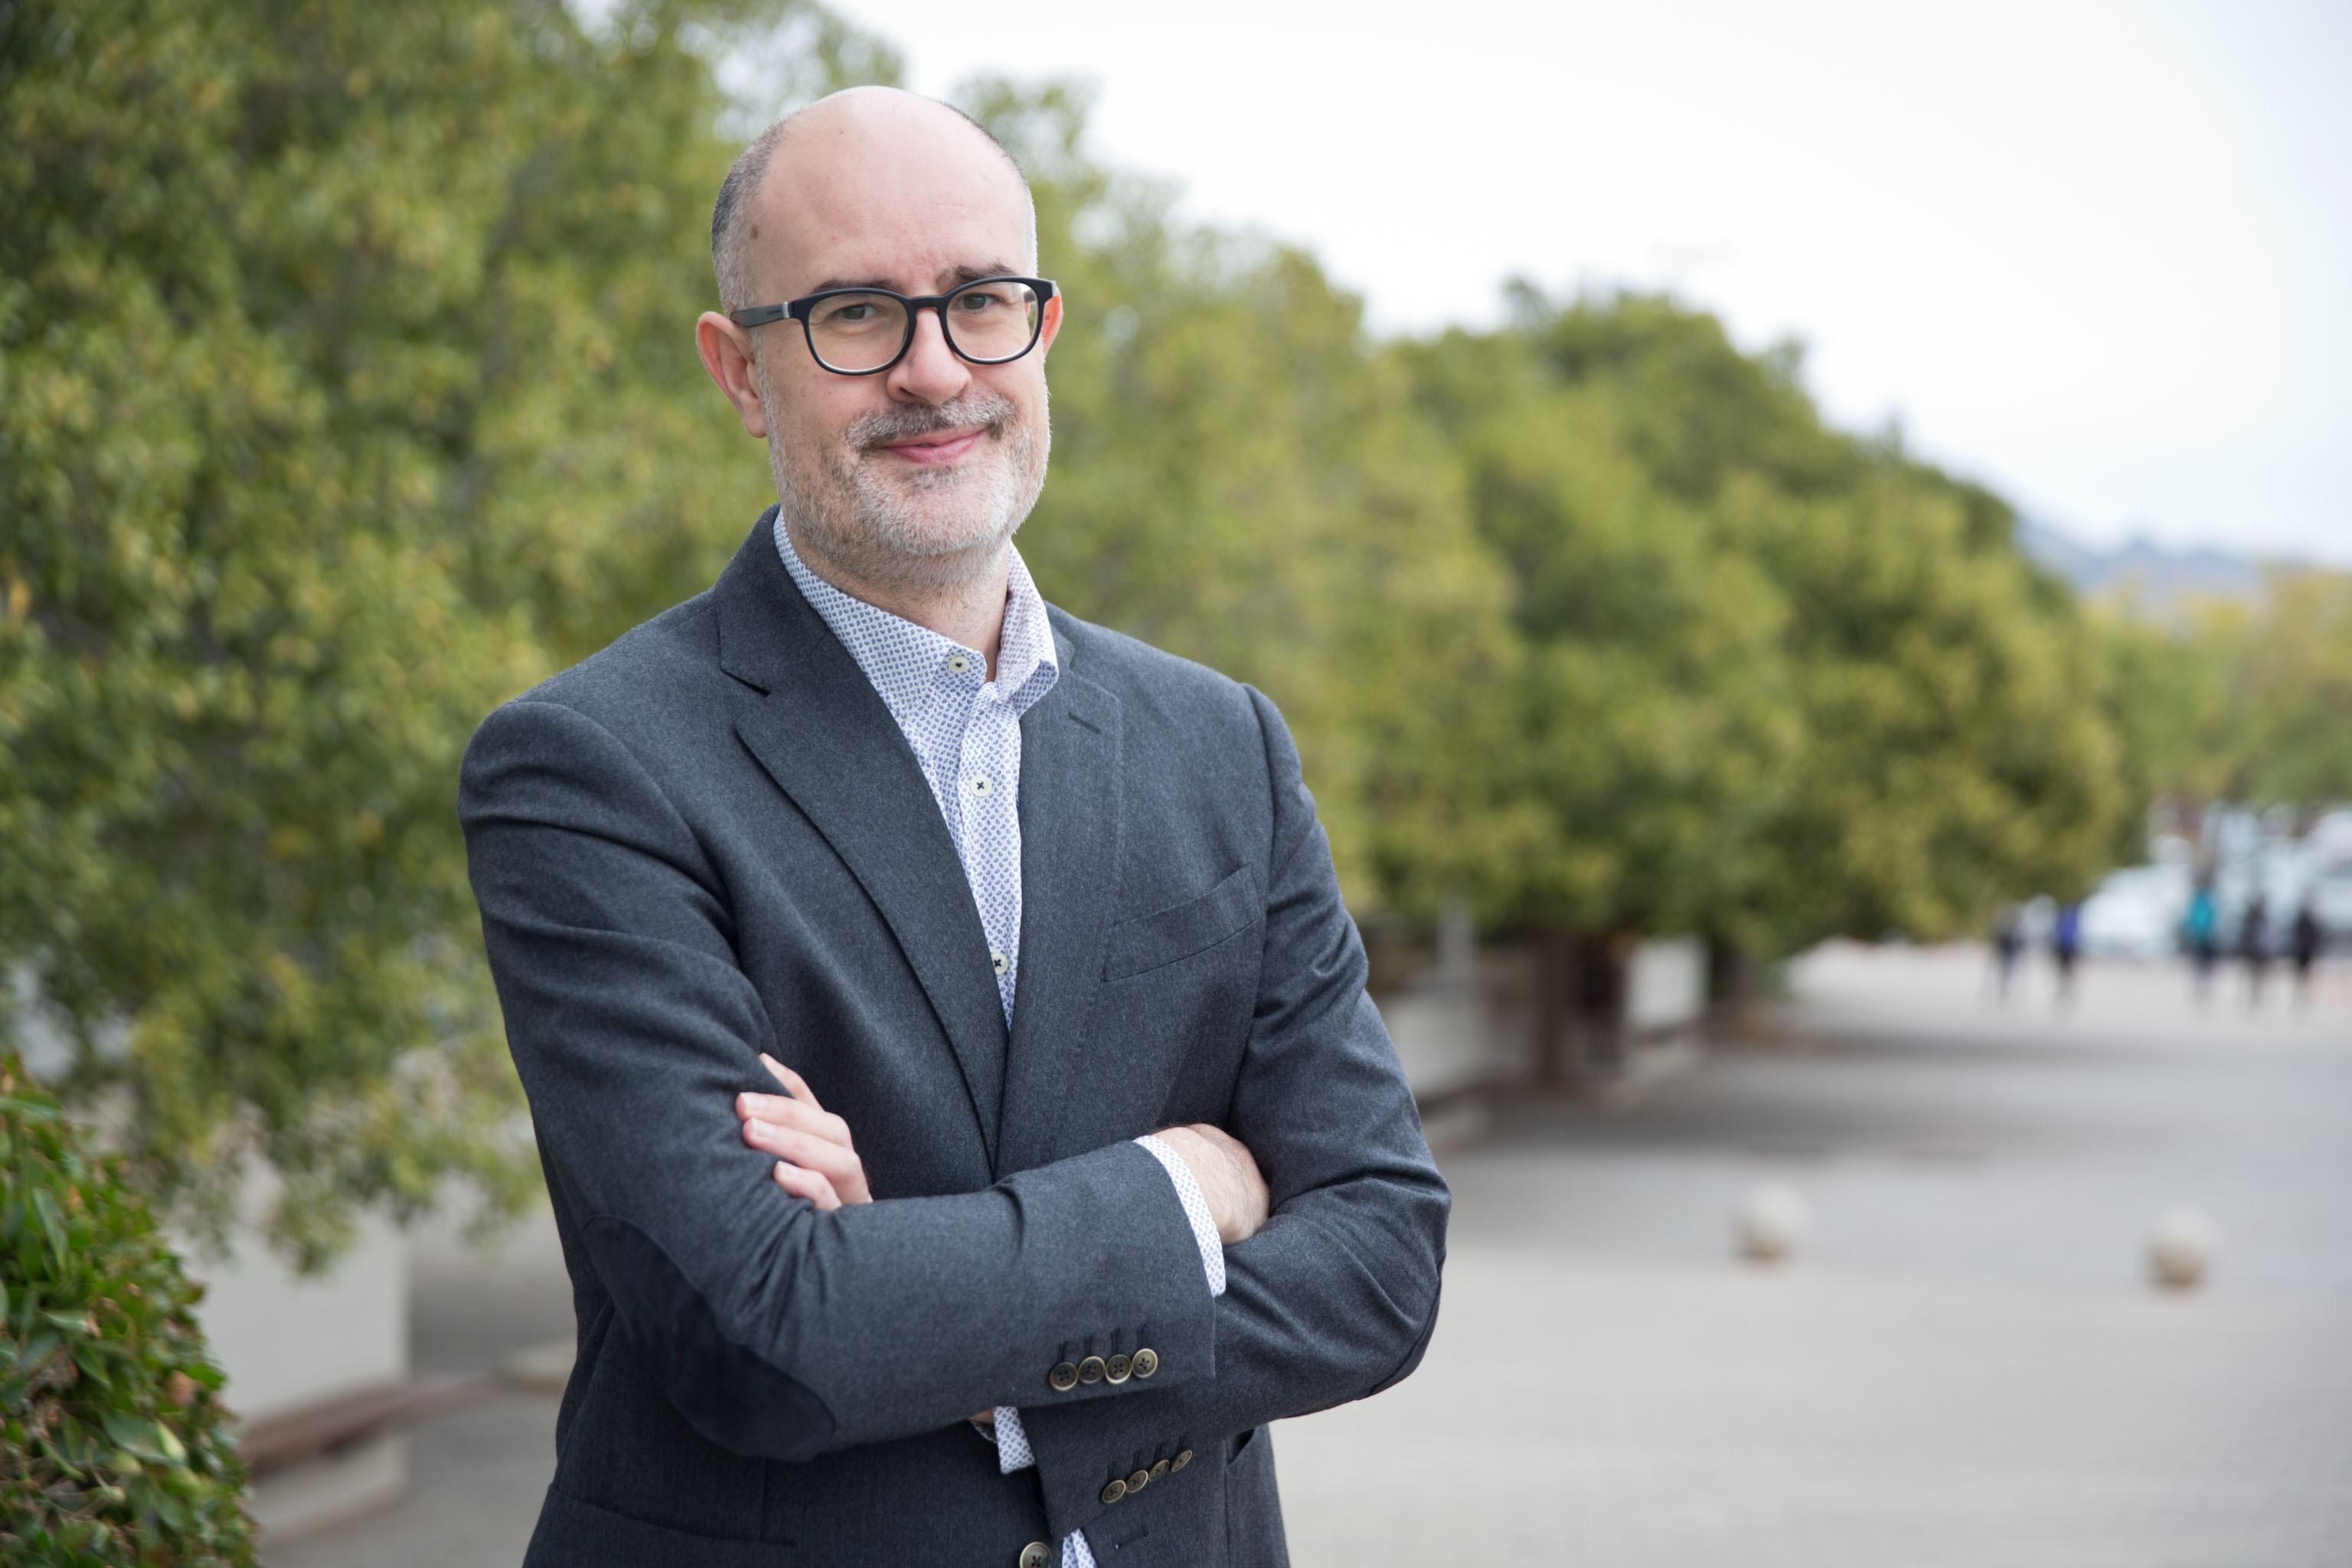 Andreu Casero, professor de l'UJI, guanya la 2a edició del premi de recerca en nous models de negoci per a empreses de periodisme de proximitat